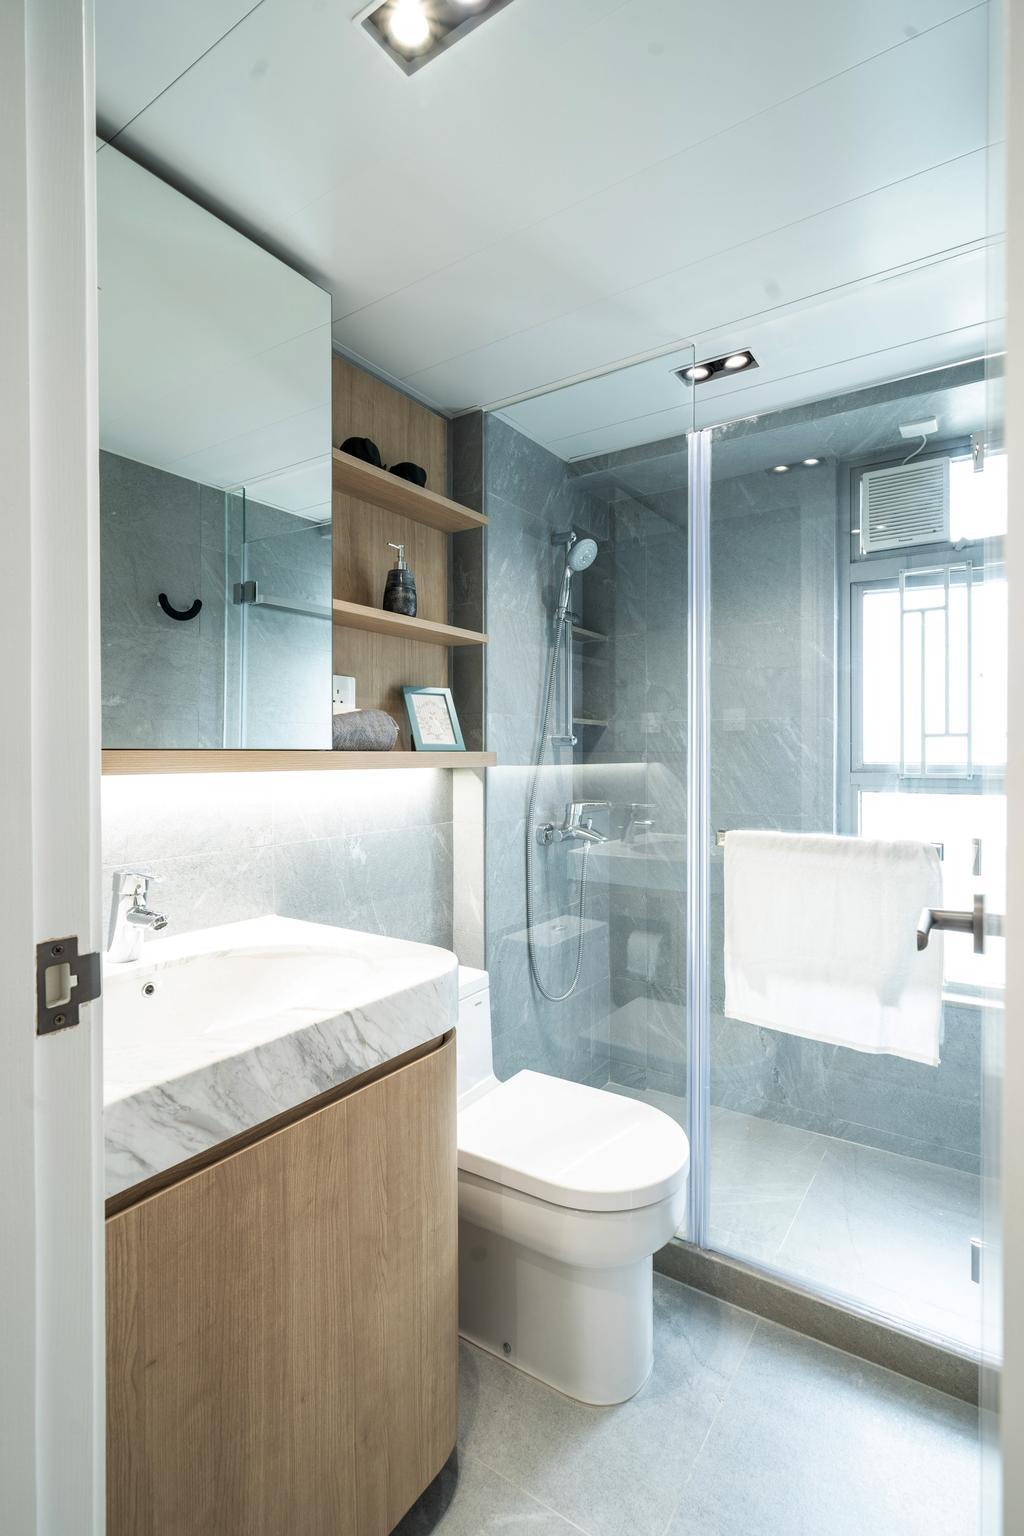 簡約, 私家樓, 浴室, 尚南天, 室內設計師, The NEST, 北歐